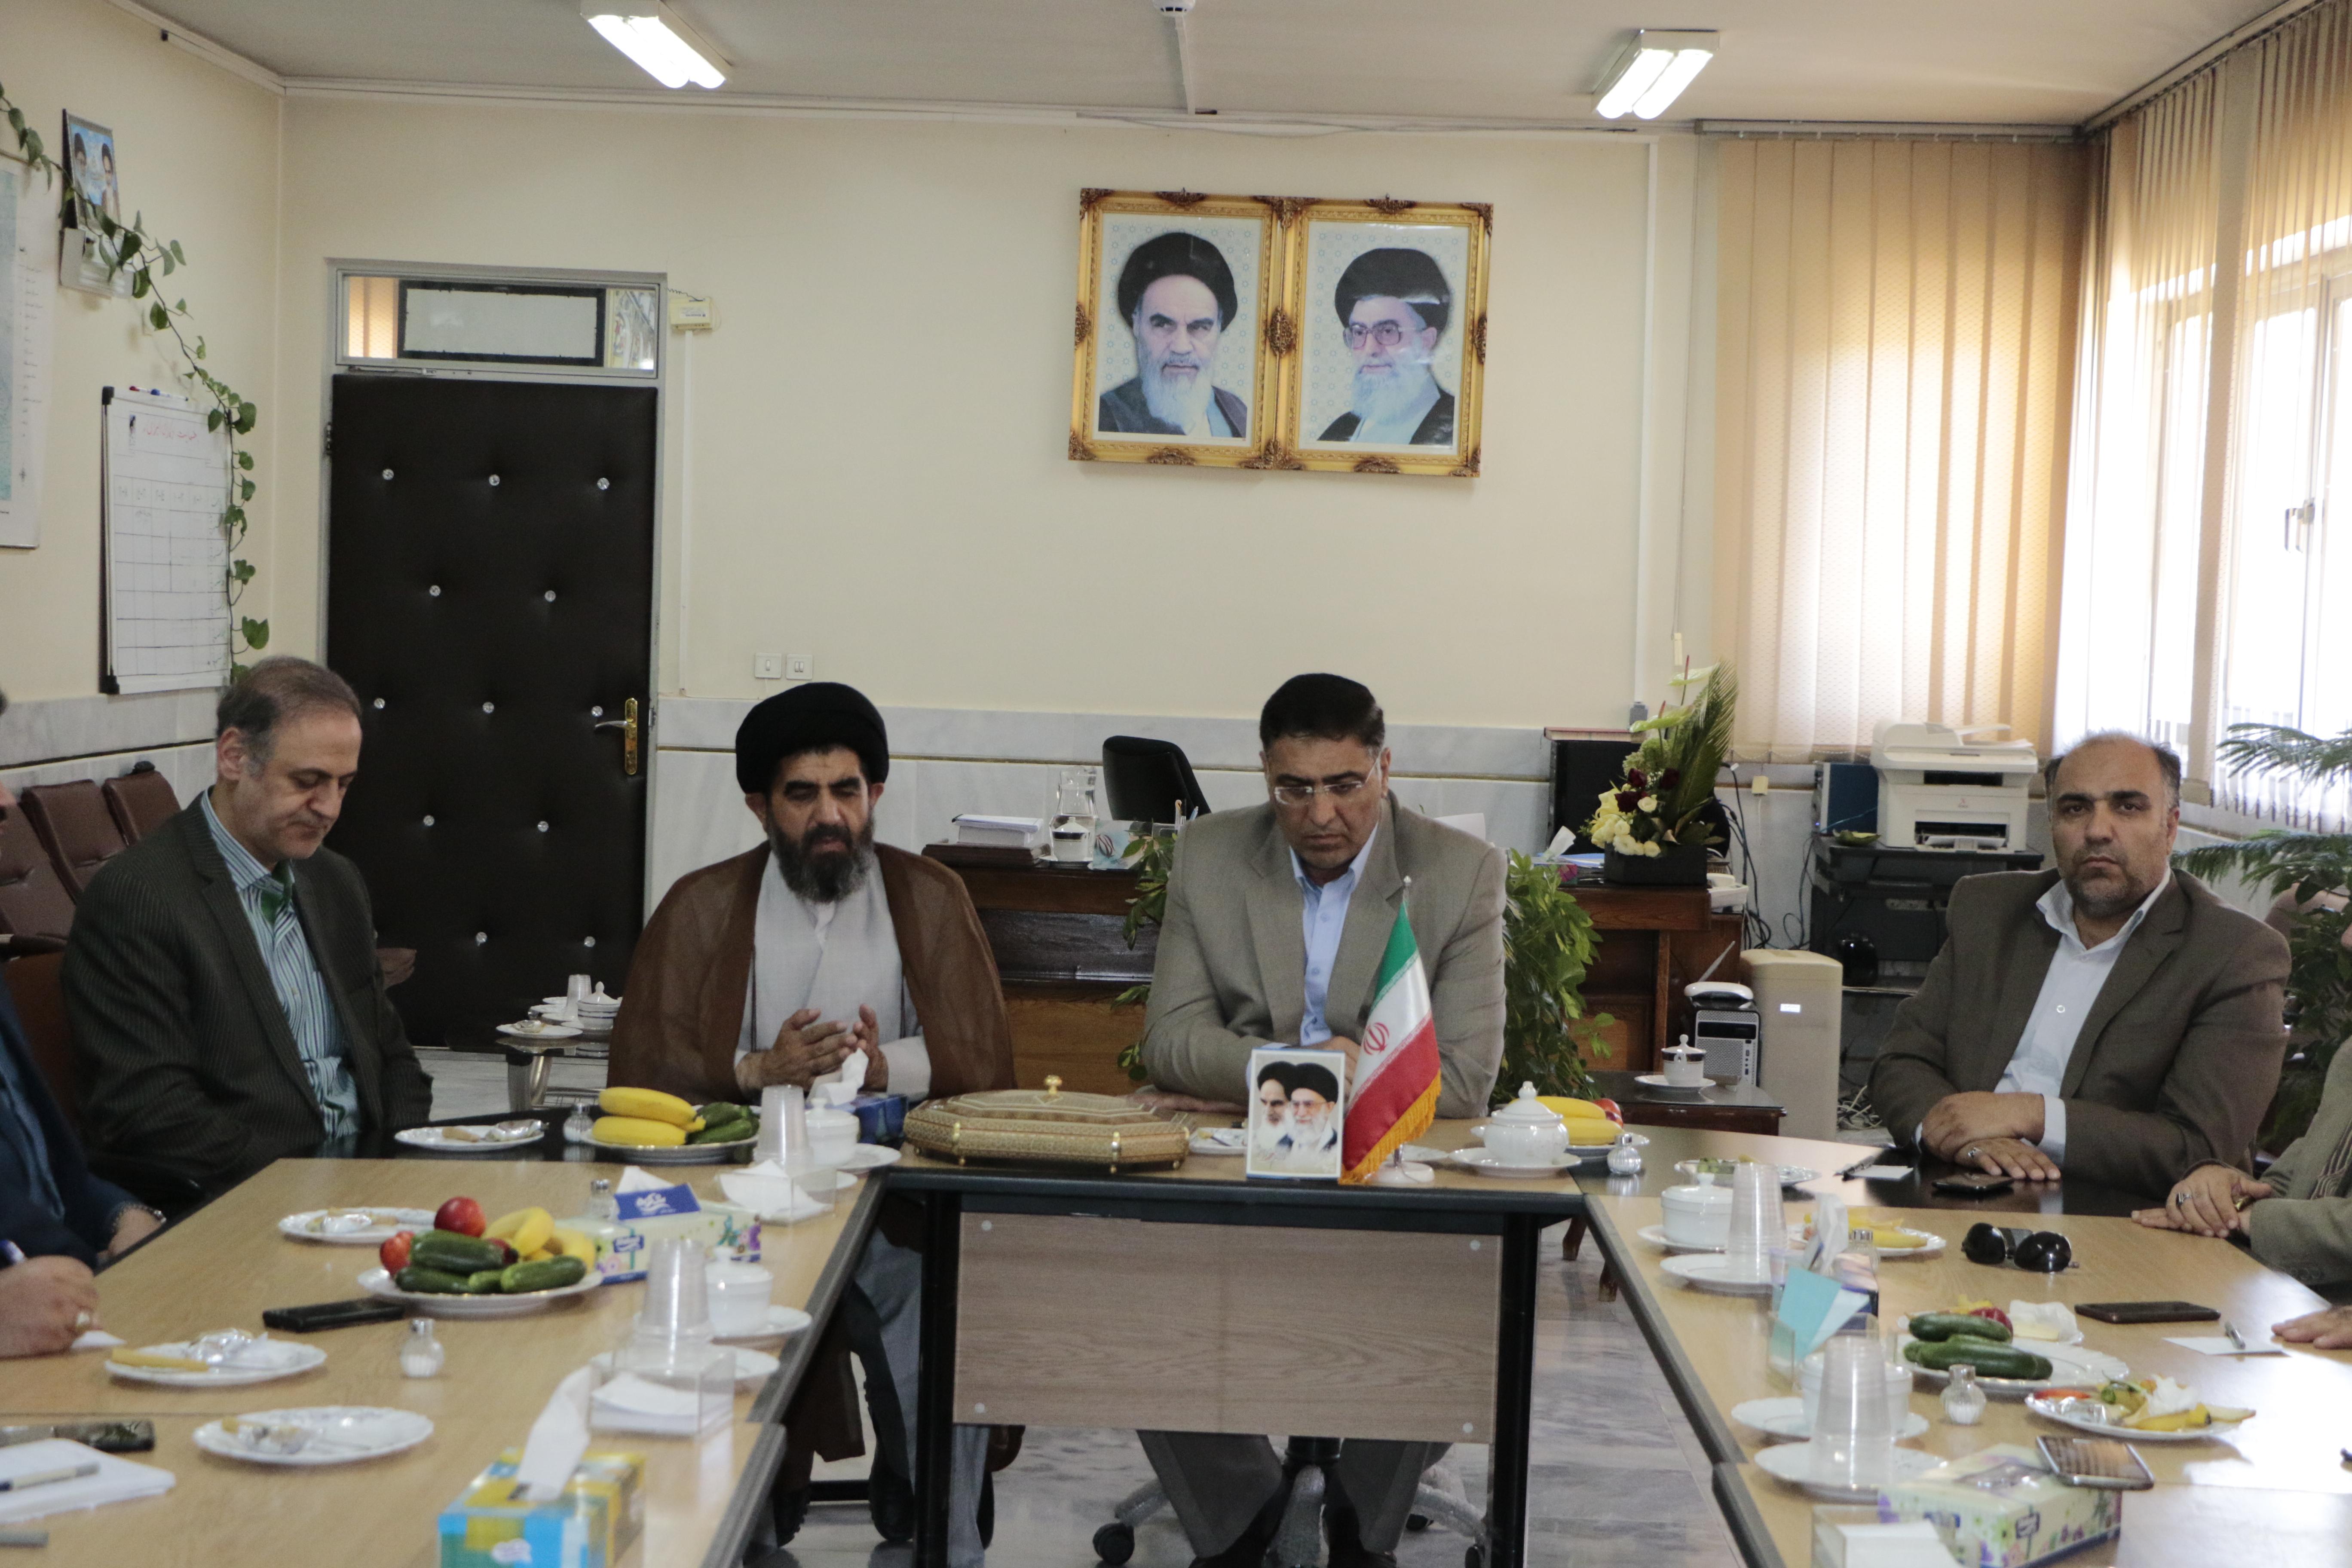 مدیرکل امورمالیاتی استان اصفهان با ساعدی سرپرست فرمانداری فلاورجان دیدارکرد